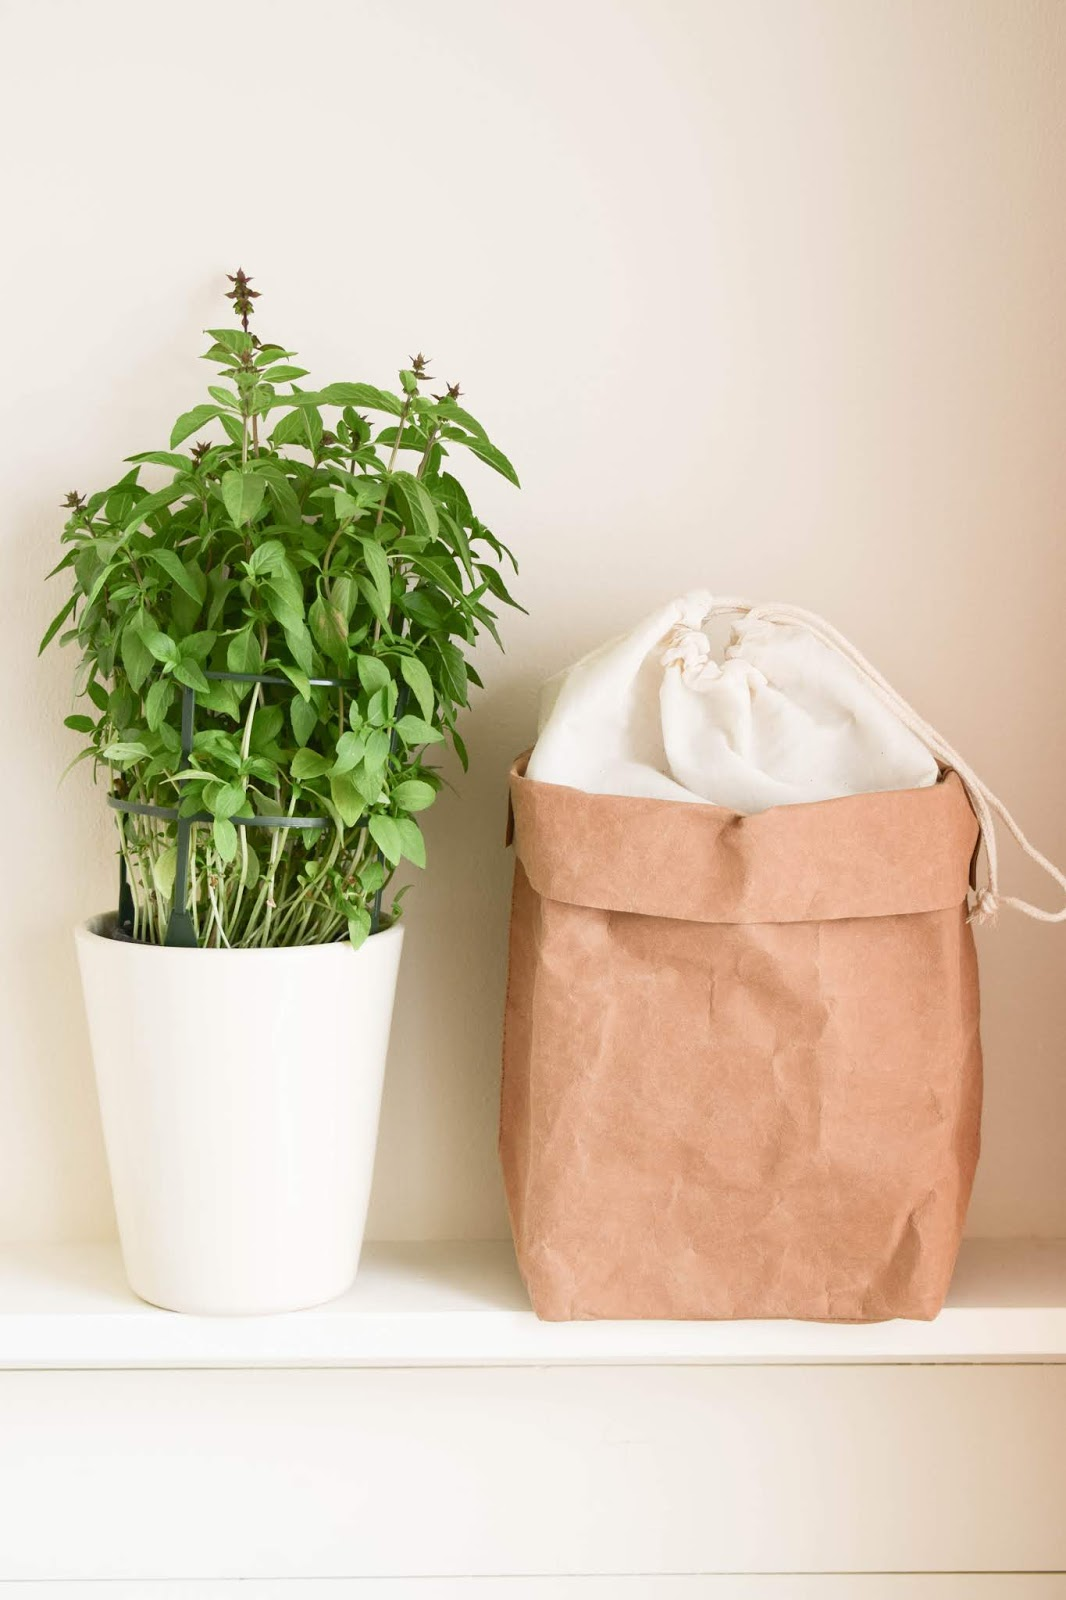 Kräutertopf für Küche: die bessere Idee: Kräuter in Aufbewahrungstüte von WENKO. Werbung